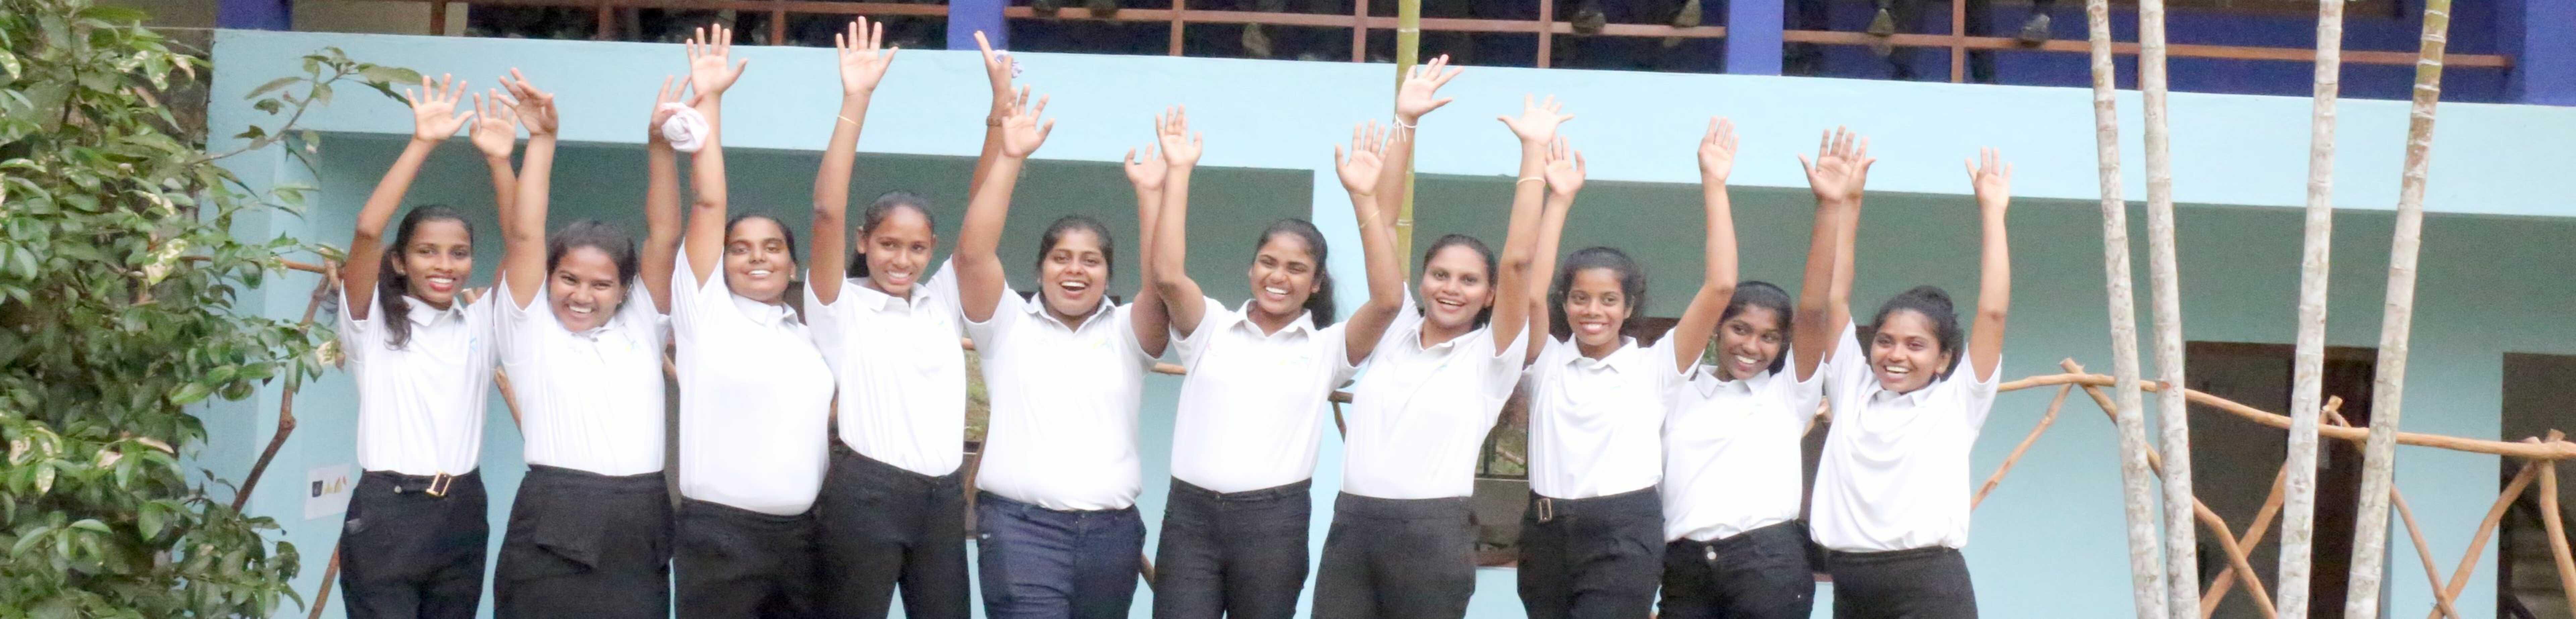 Sri Lanka_Jr Academy